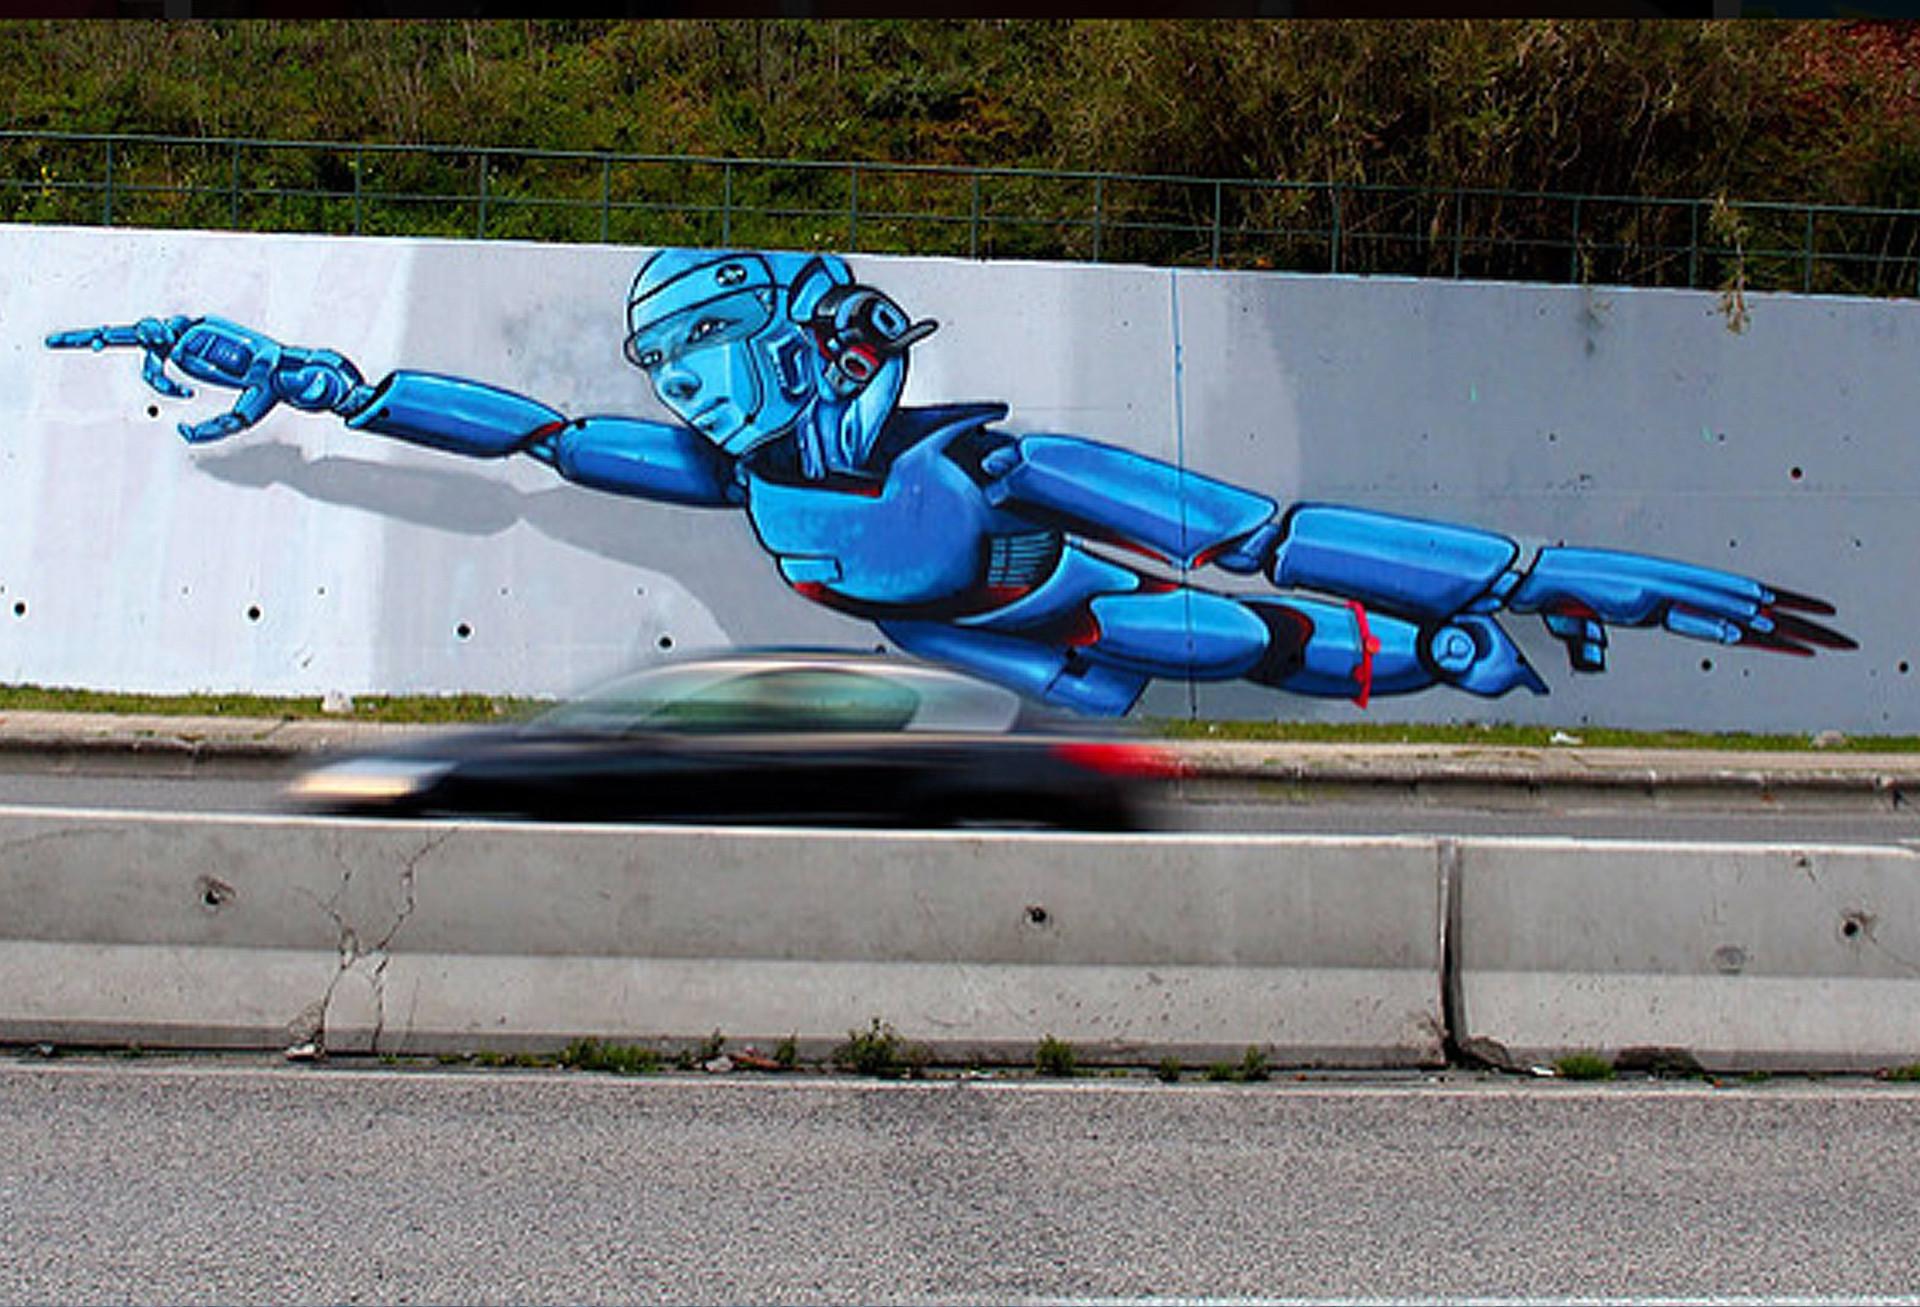 """Cerca de 800 M2 pintados por Nomen Recorde Português damaior parede de Graffiti pintada por uma só pessoa em Portugal. Pintado totalmente por Nomen durante 25 dias consecutivos, só com uma escada, luta constante contra o barulho ensurdecedor dos automóveis eo cansaço. Parceria com a agência """"Activoo"""". Tamanho: 190m x 4m -Aprox.-800m2 Local: Segunda Circular de Lisboa. Tema: Arte e Ciência Ano: 2015. Cliente: Activoo / IPL-Instituto Politécnico de Lisboa"""